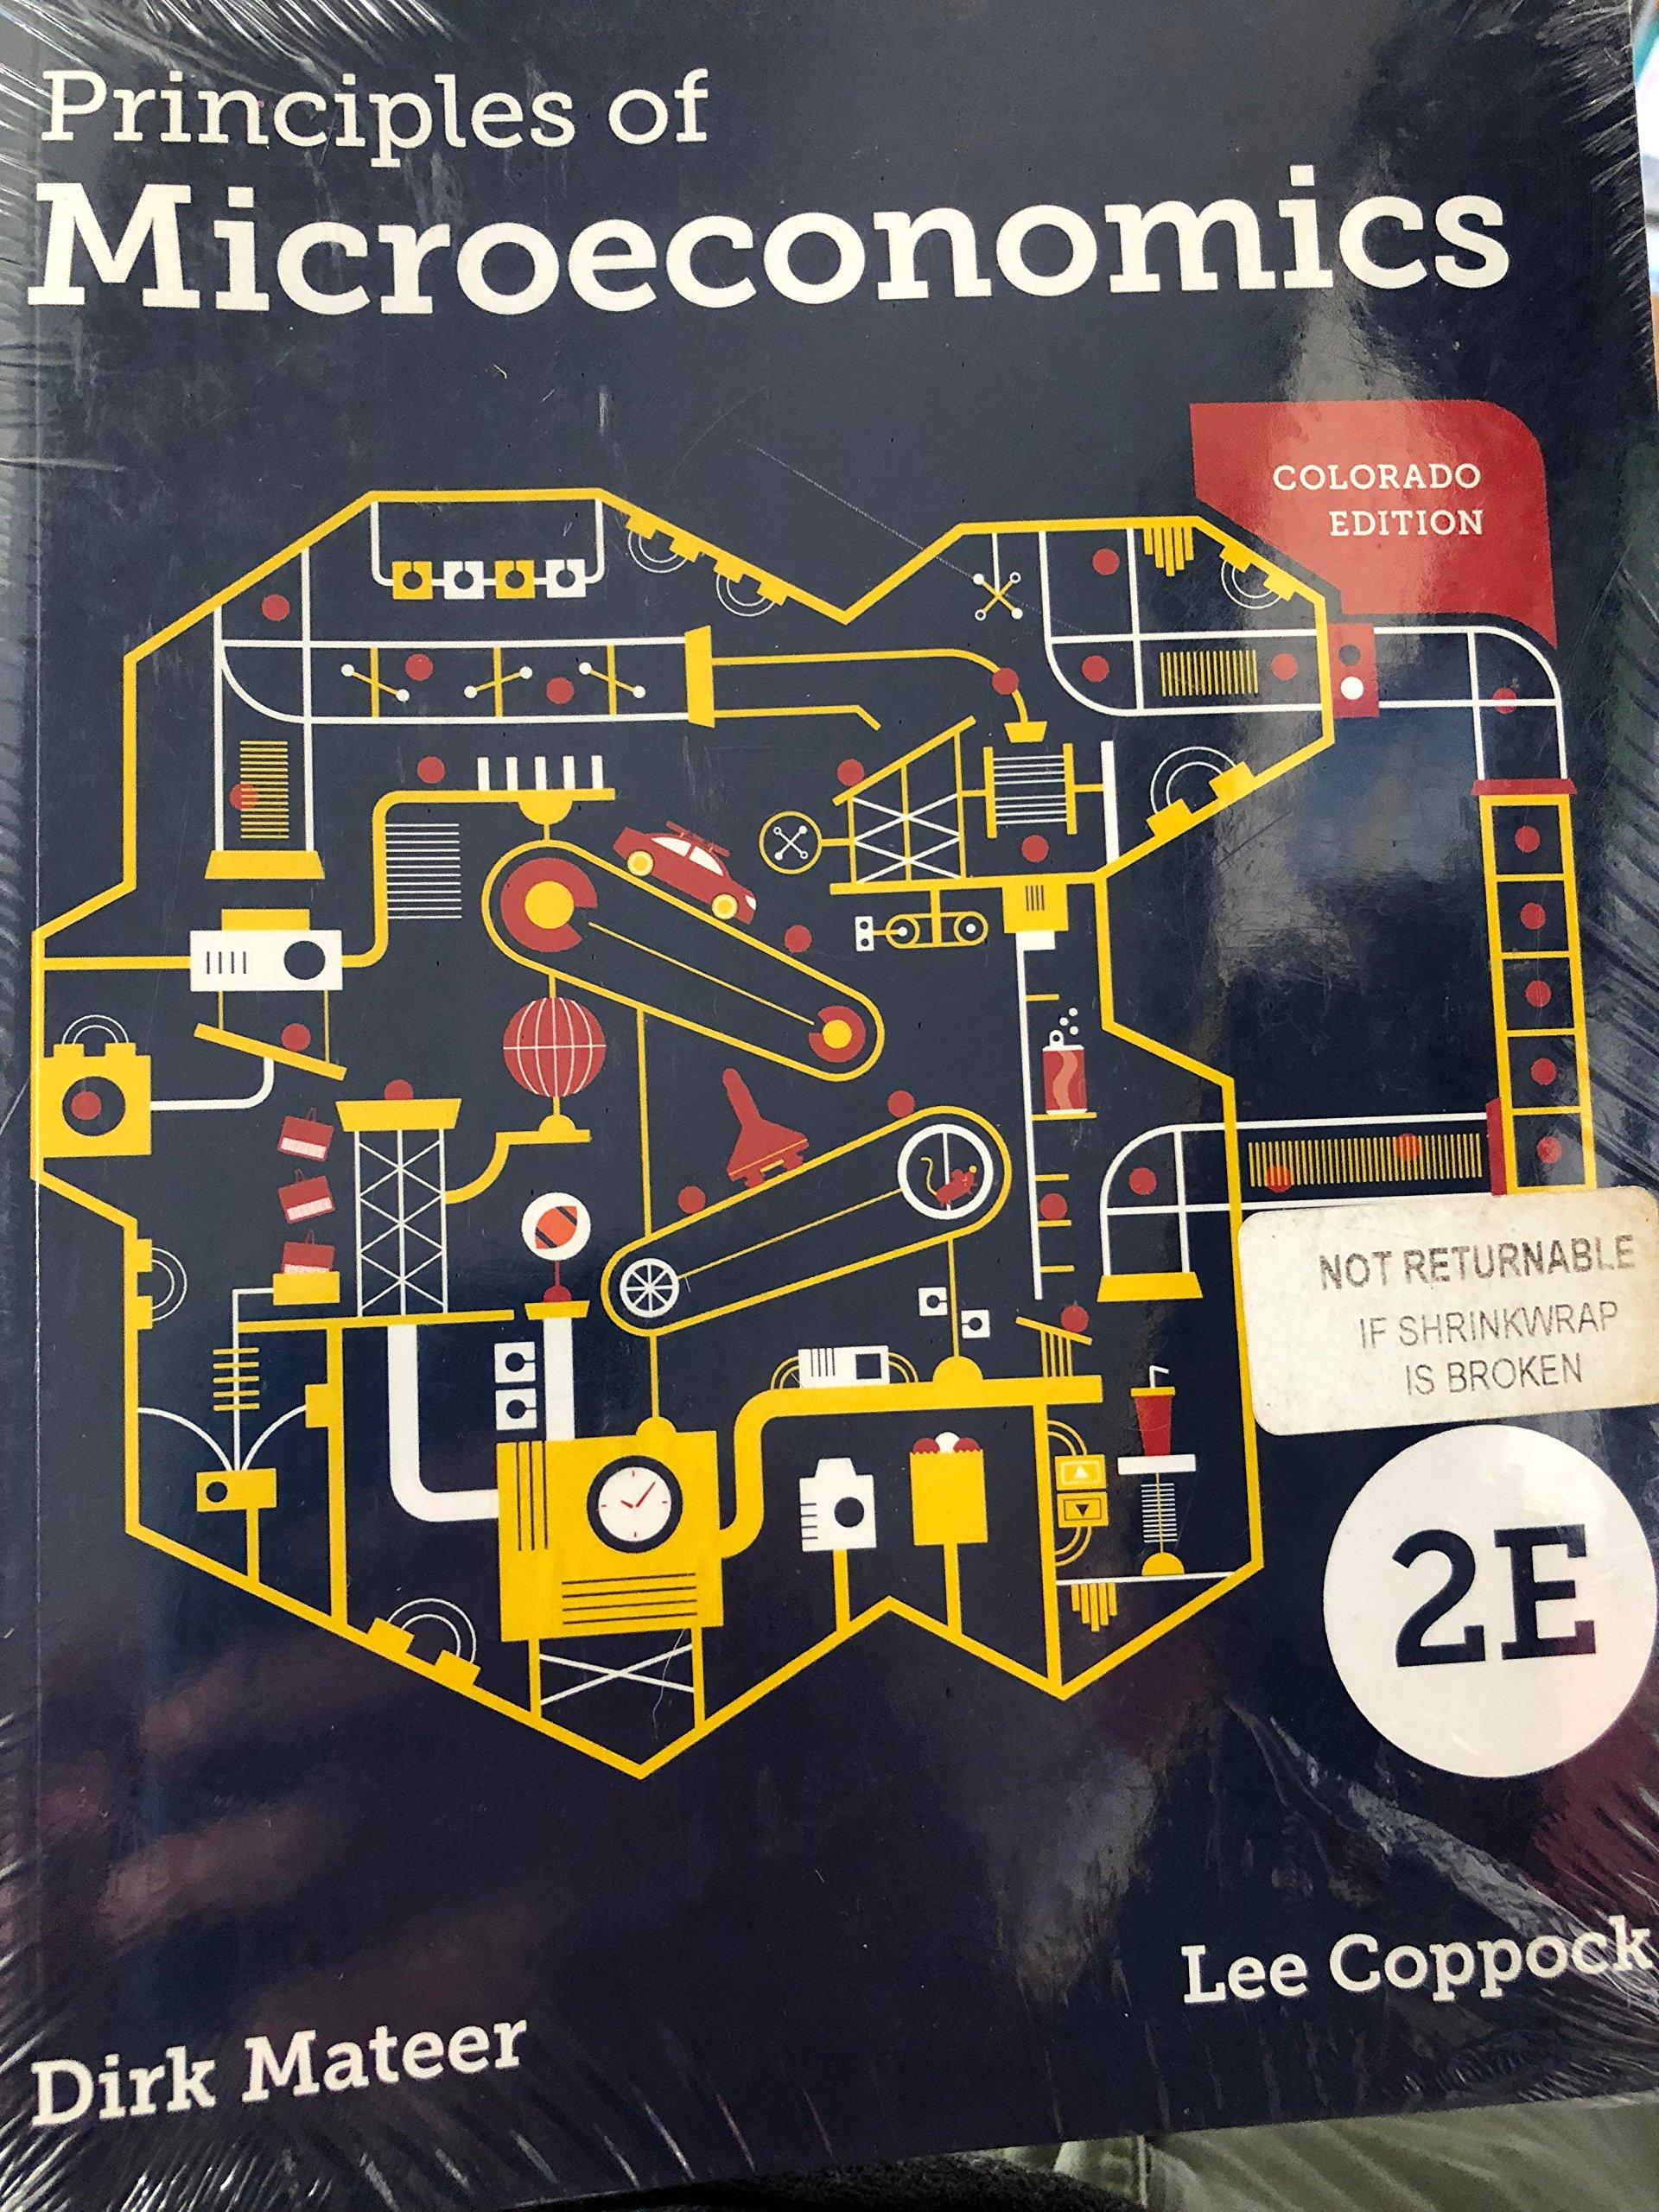 Download Principles of microeconomics -Colorado edition ebook